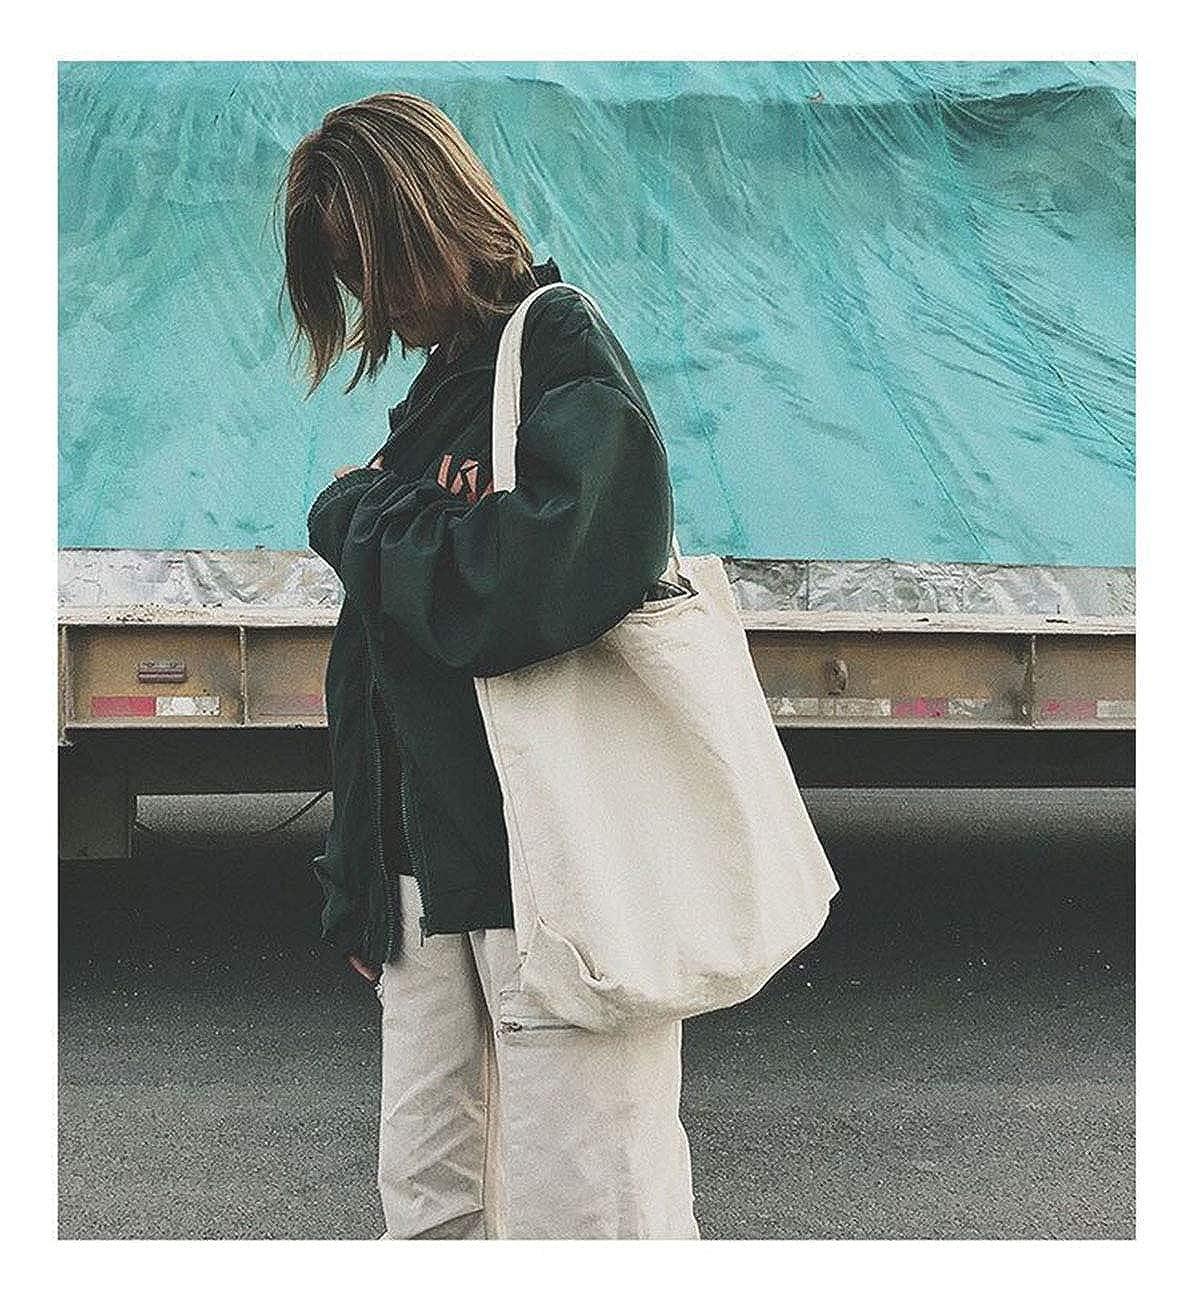 無地 レディーストート キャンパストート キャンバストートバッグ キャンバス A4 トートバック 肩掛け ショルダーバッグ 大容量